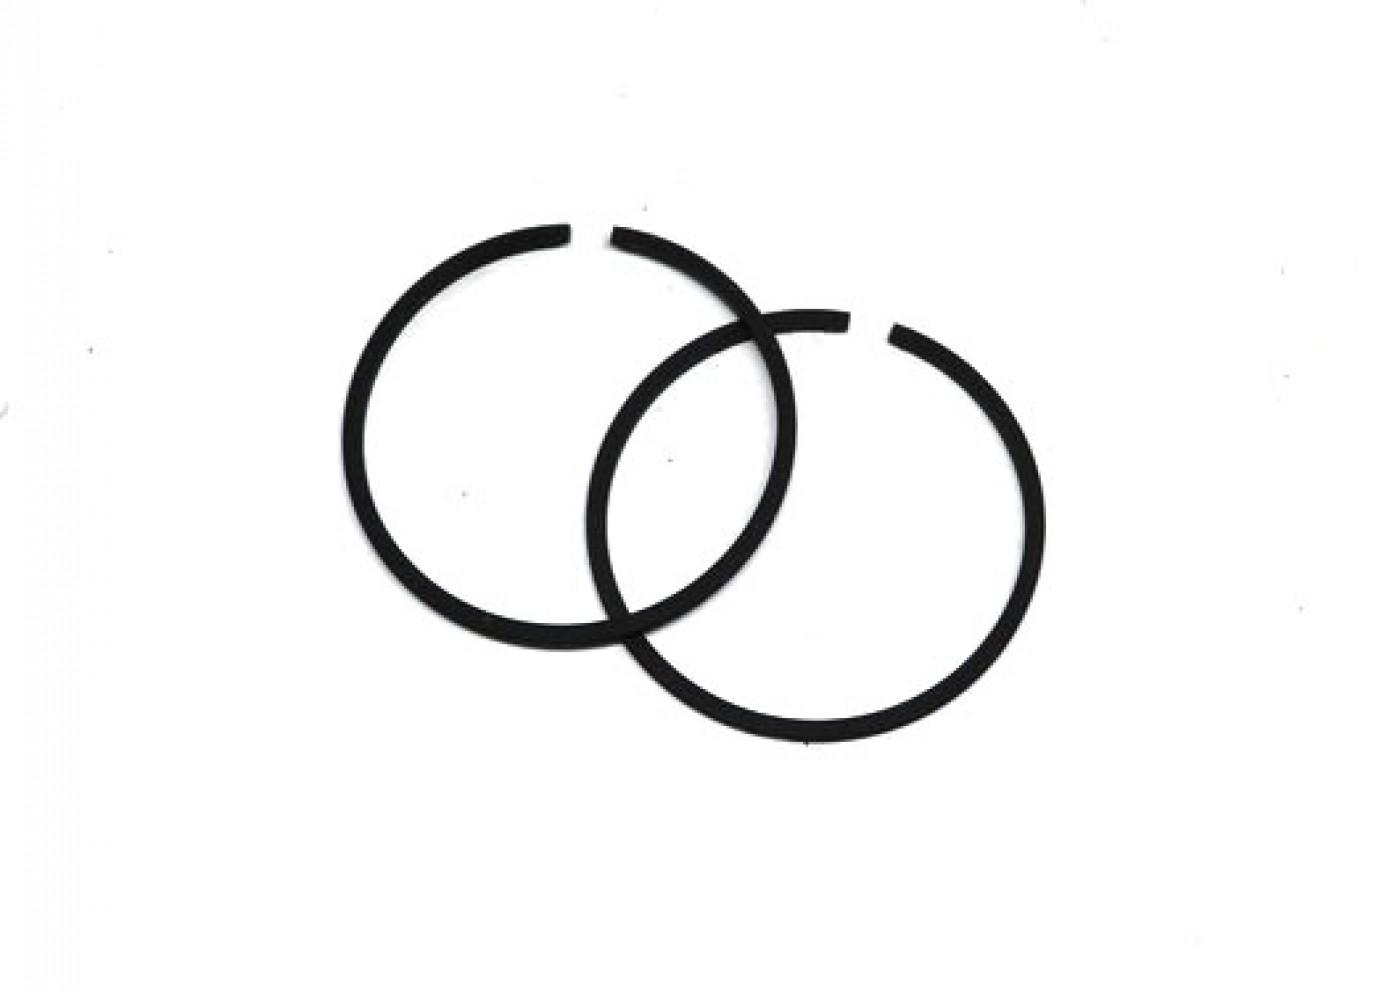 Sada pístních kroužků Stihl 50 mm x 1,2 mm